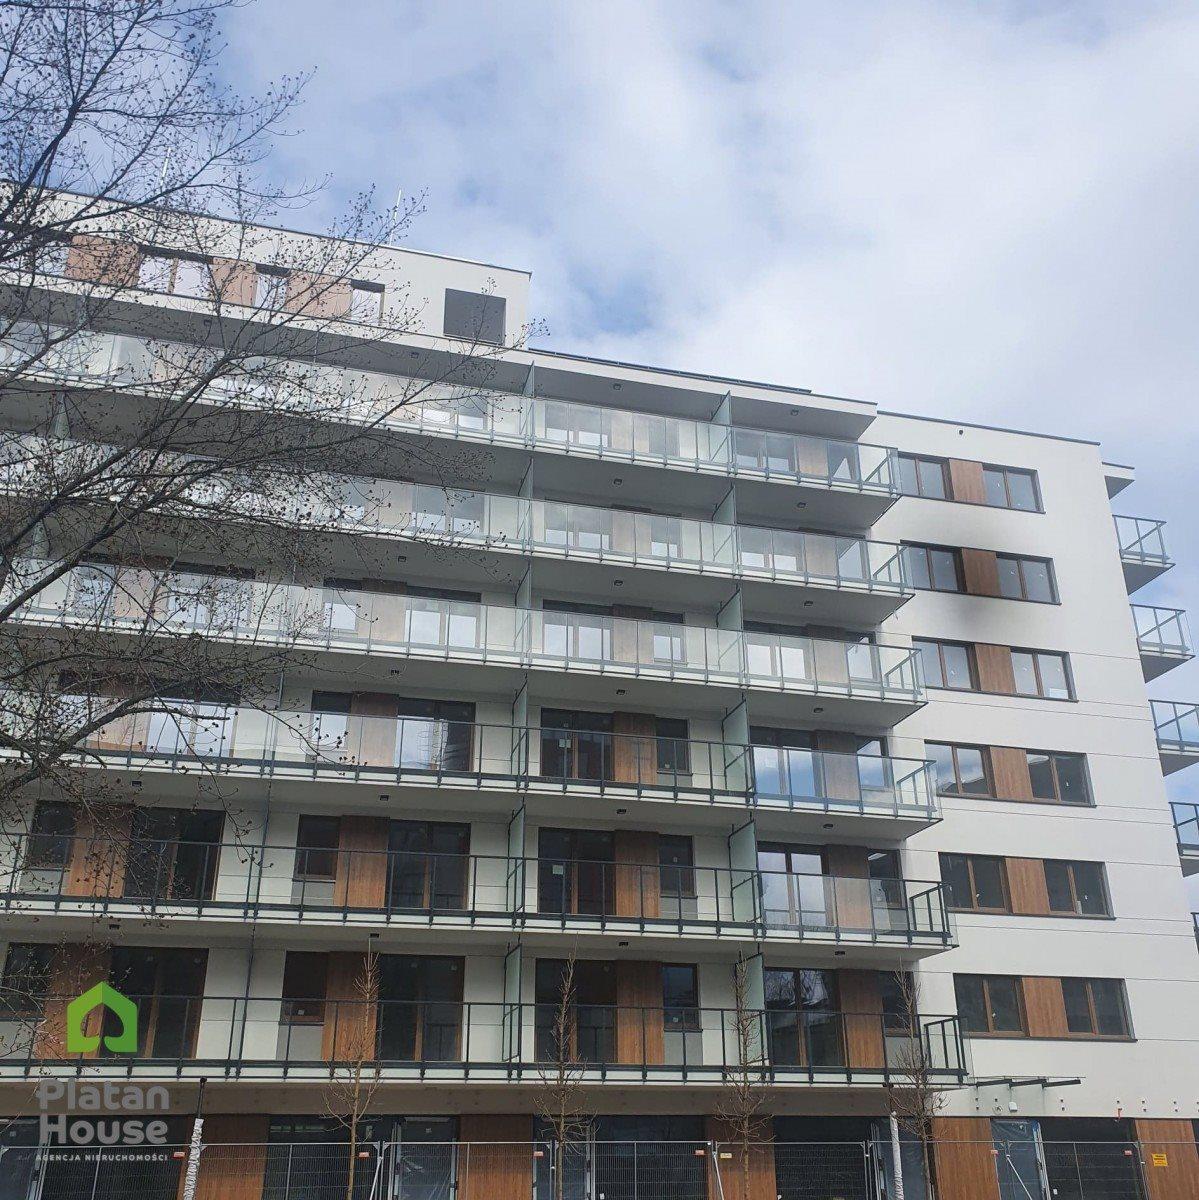 Mieszkanie dwupokojowe na sprzedaż Warszawa, Praga-Południe, Mińska  28m2 Foto 1